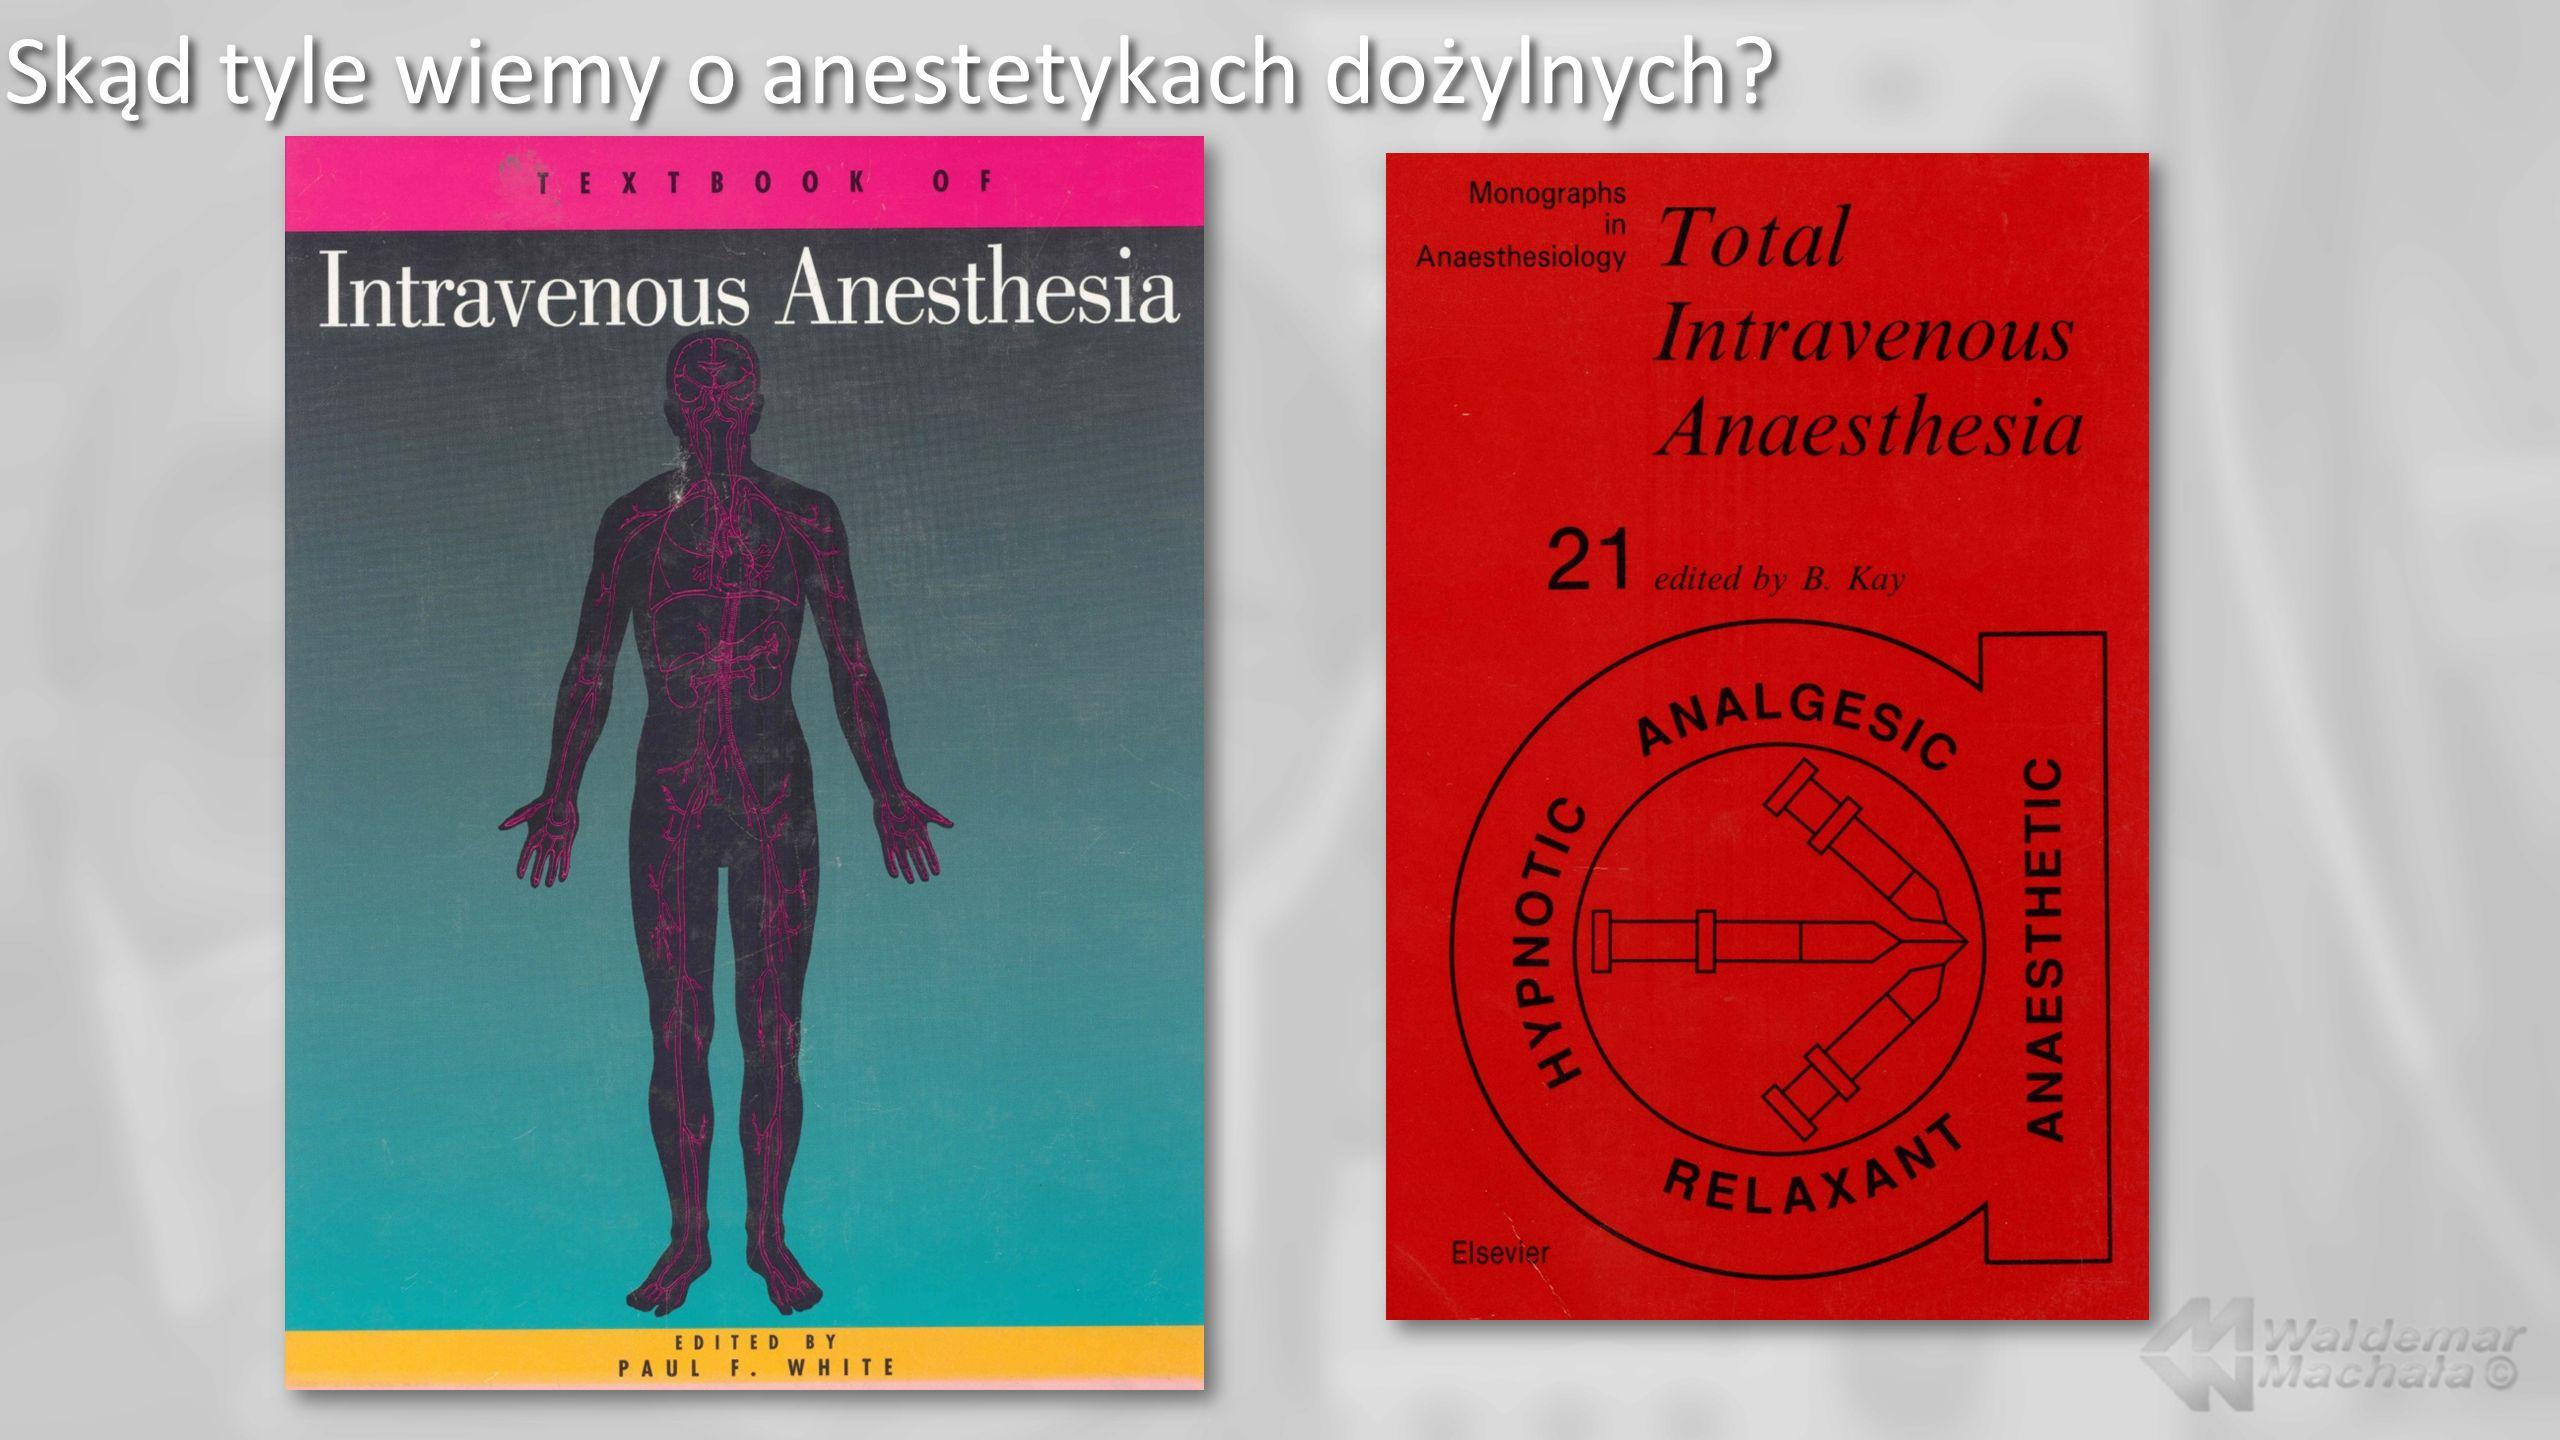 Skąd tyle wiemy o anestetykach dożylnych?